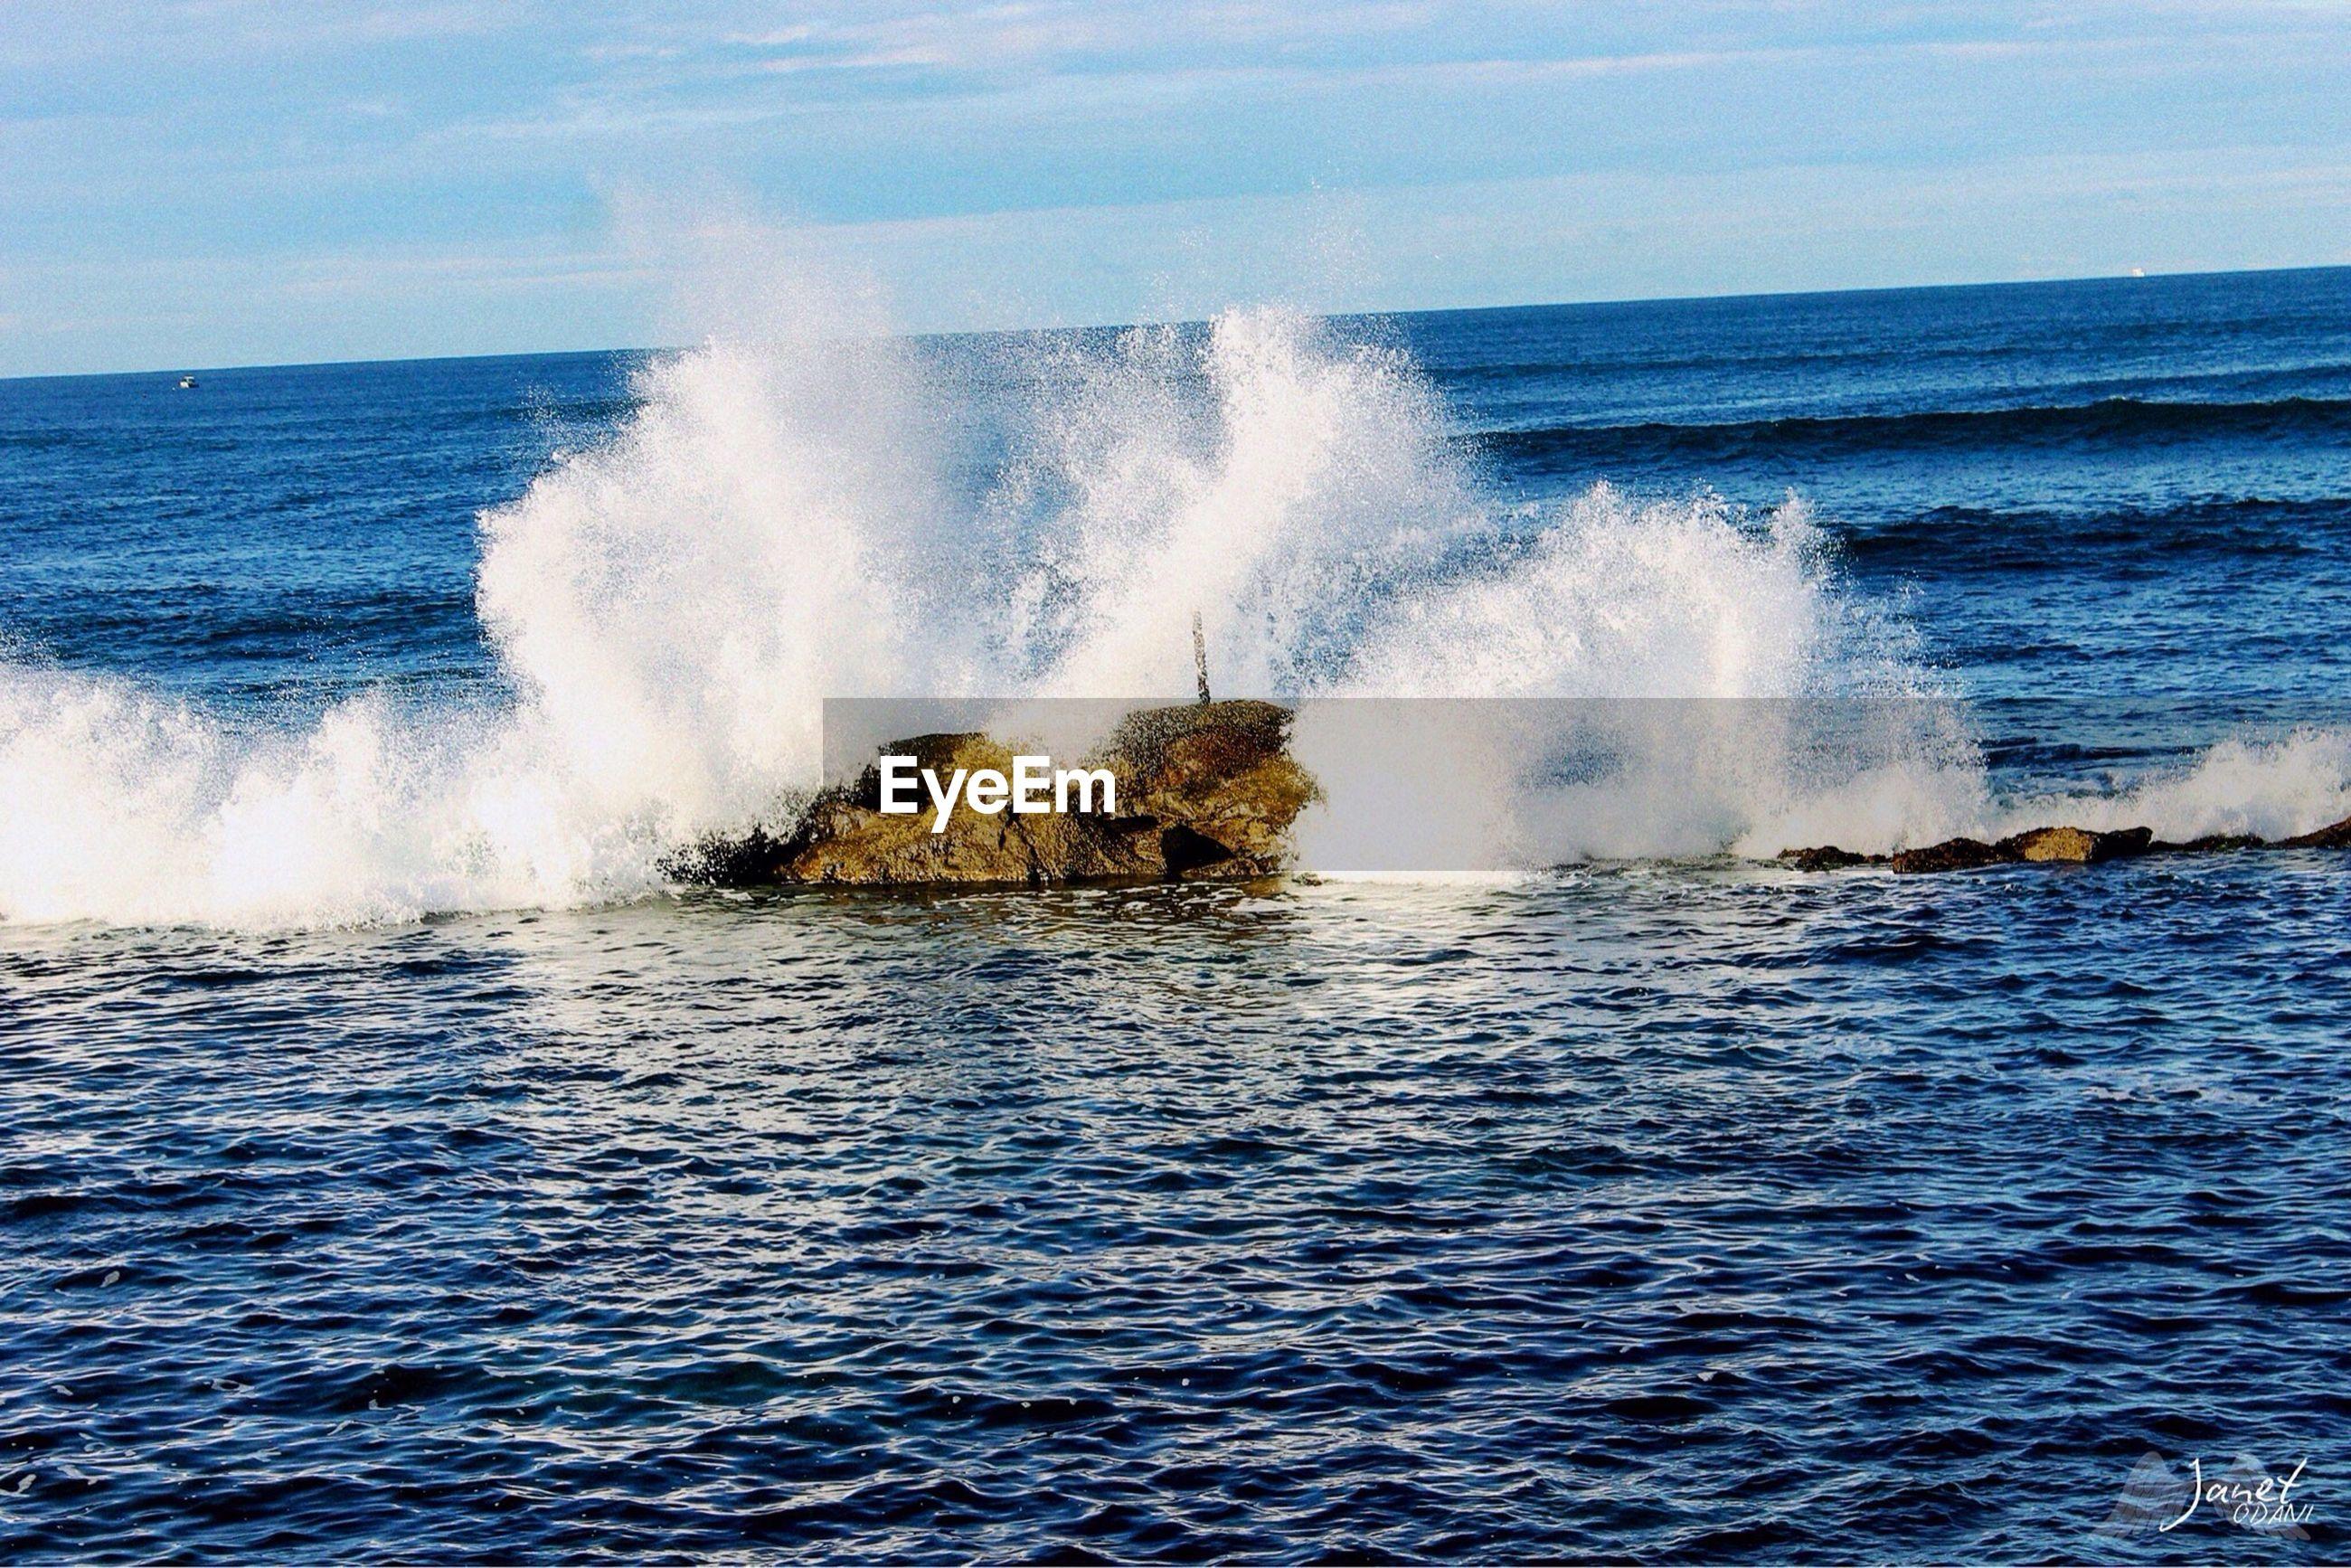 VIEW OF WAVES SPLASHING IN SEA AGAINST SKY